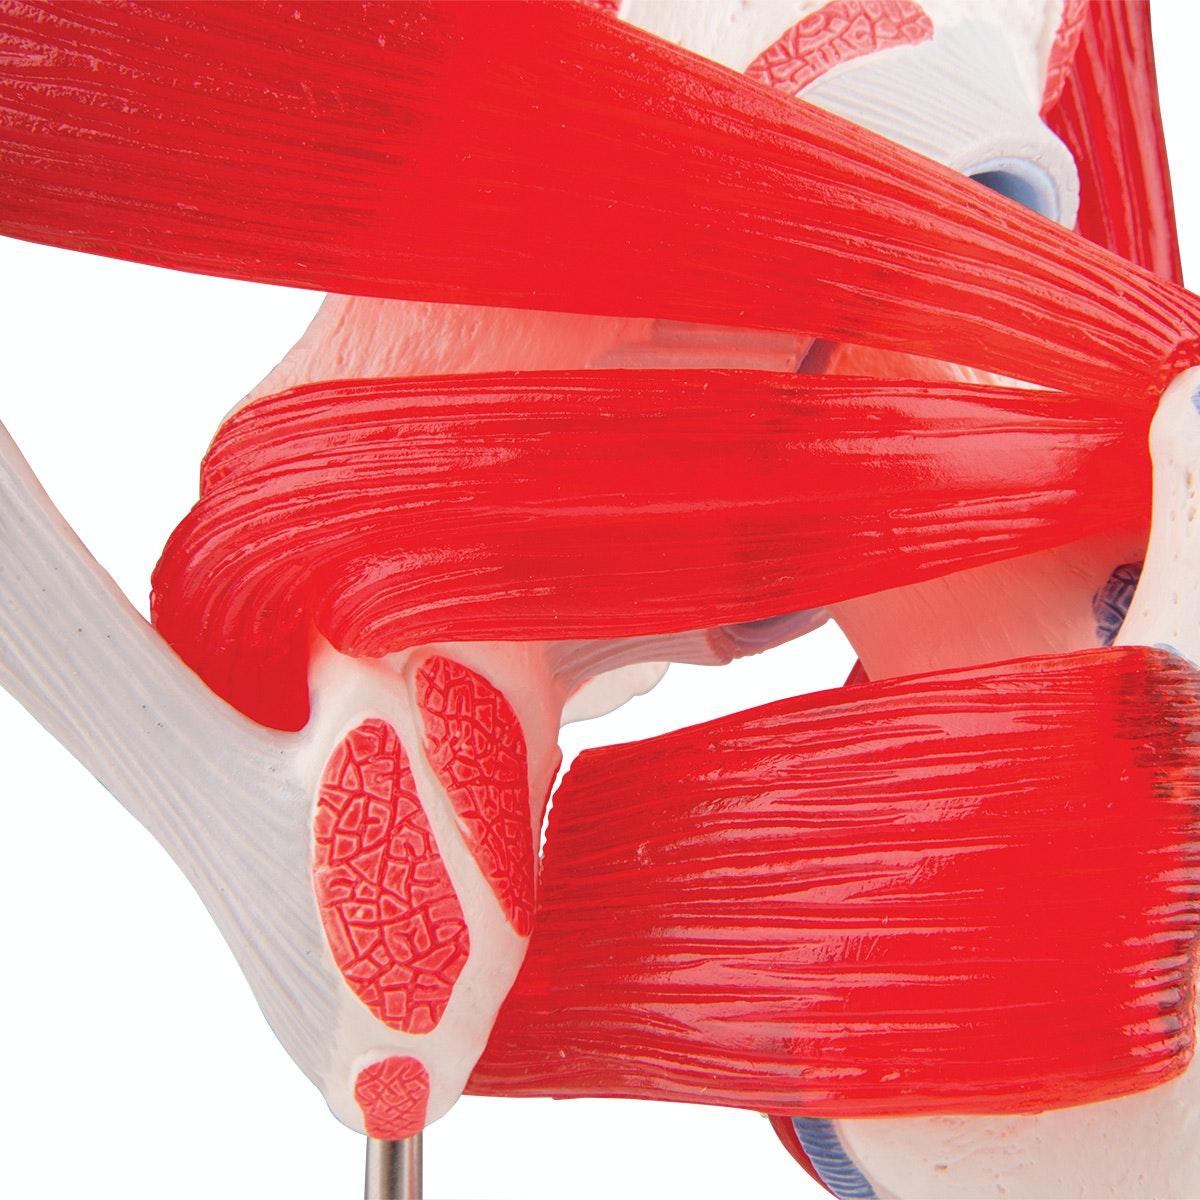 hoftemodel med muskulatur i 7 del